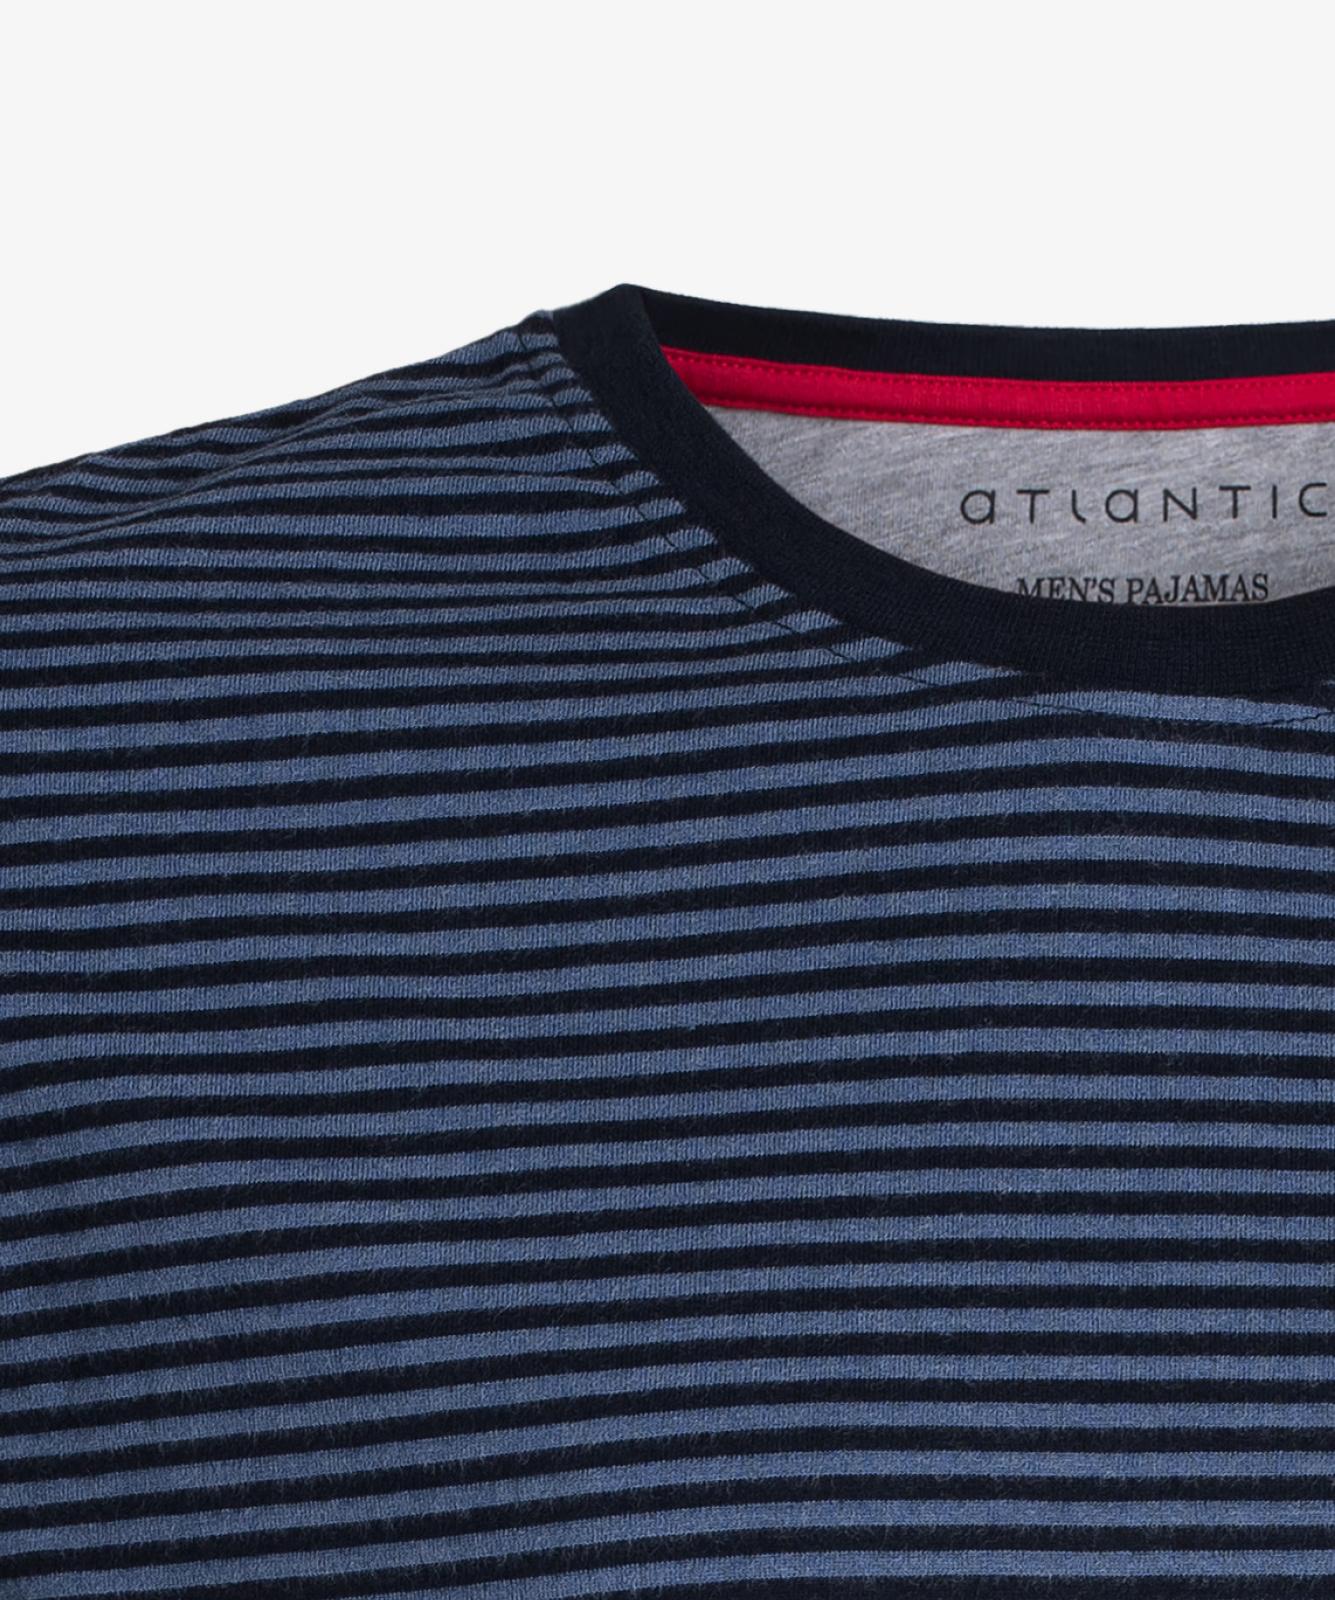 Мужская пижама Atlantic, 1 шт. в уп., хлопок, темно-синяя, NMP-342